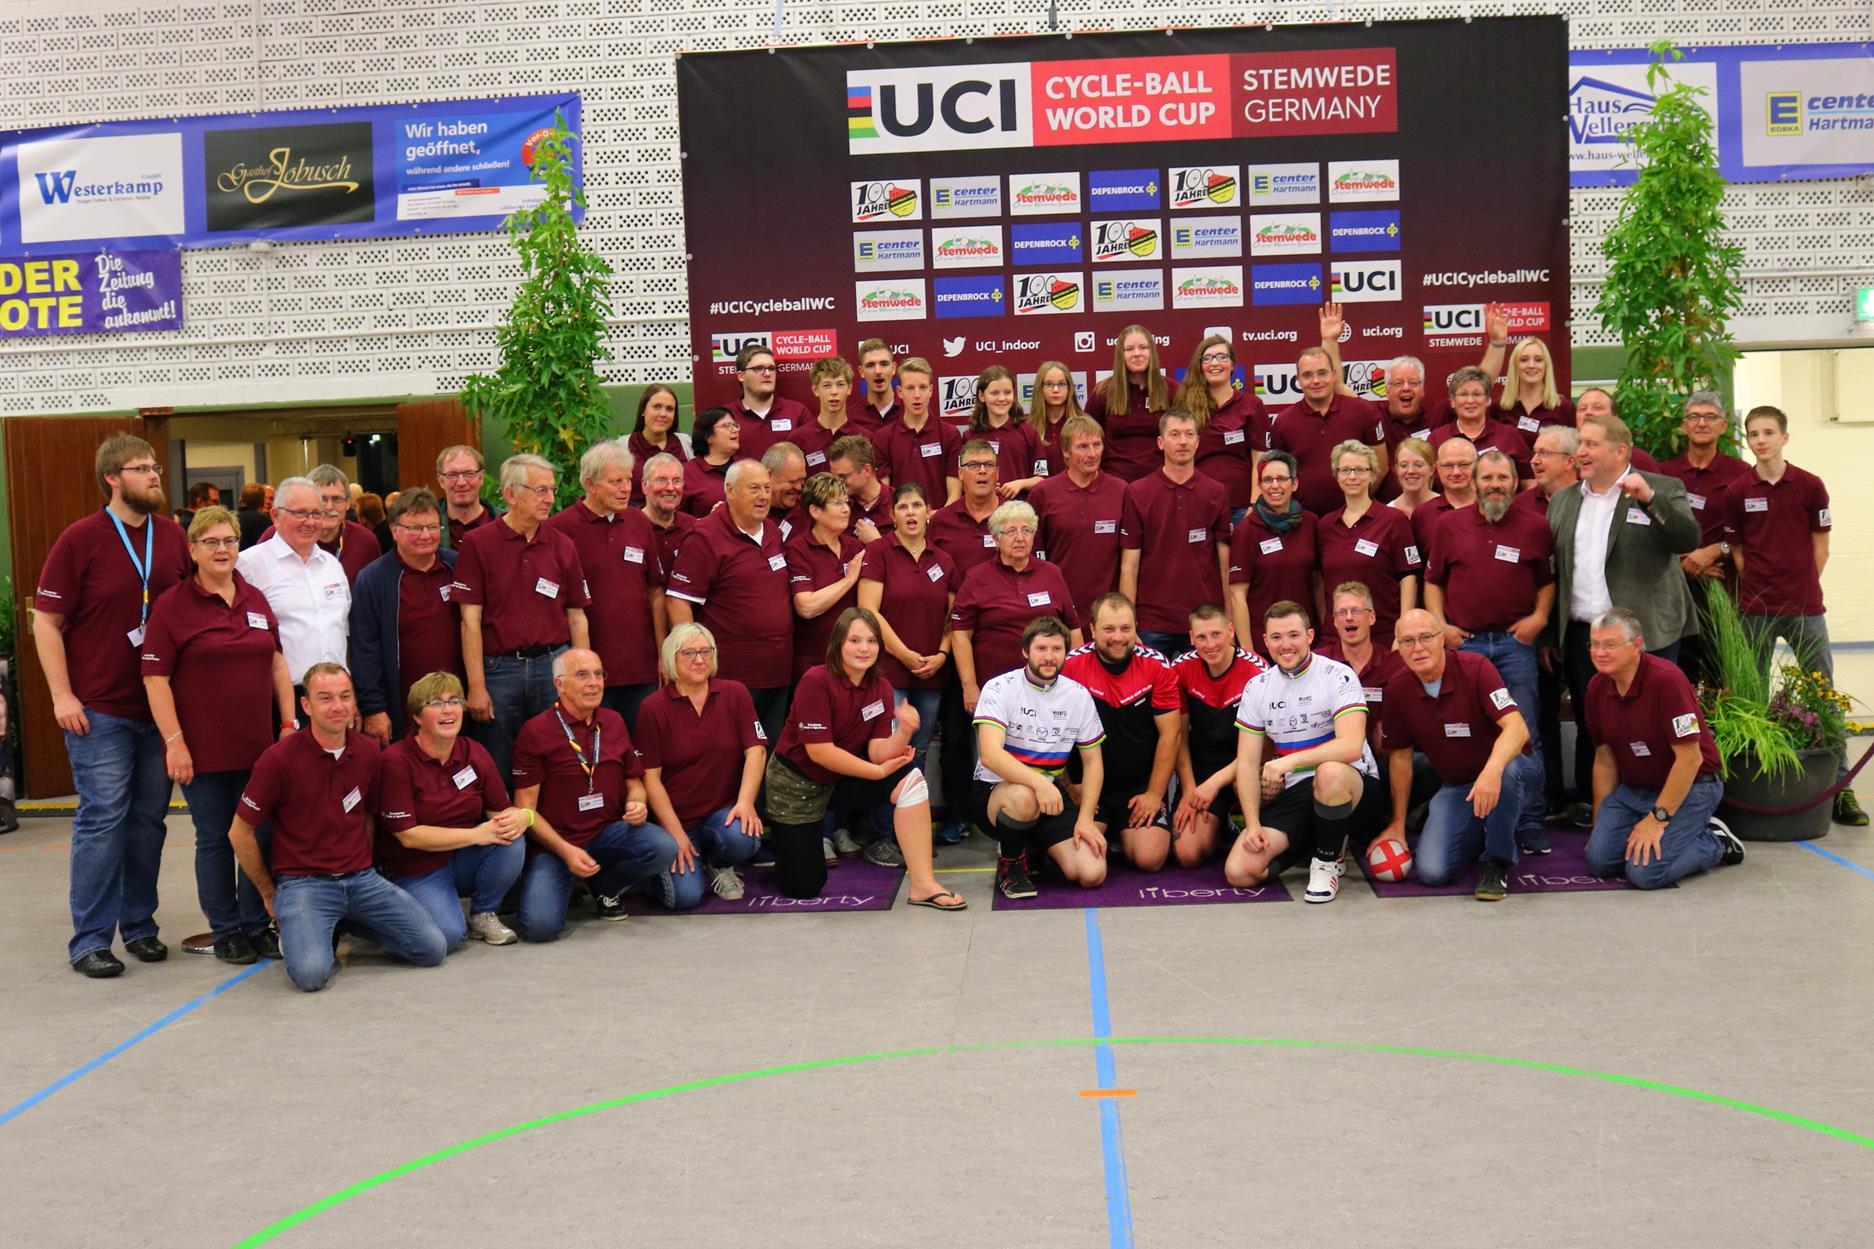 Die Weltmeister aus Österreich und unser Wildcard Team aus Iserlohn im Kreise der Helfenden.